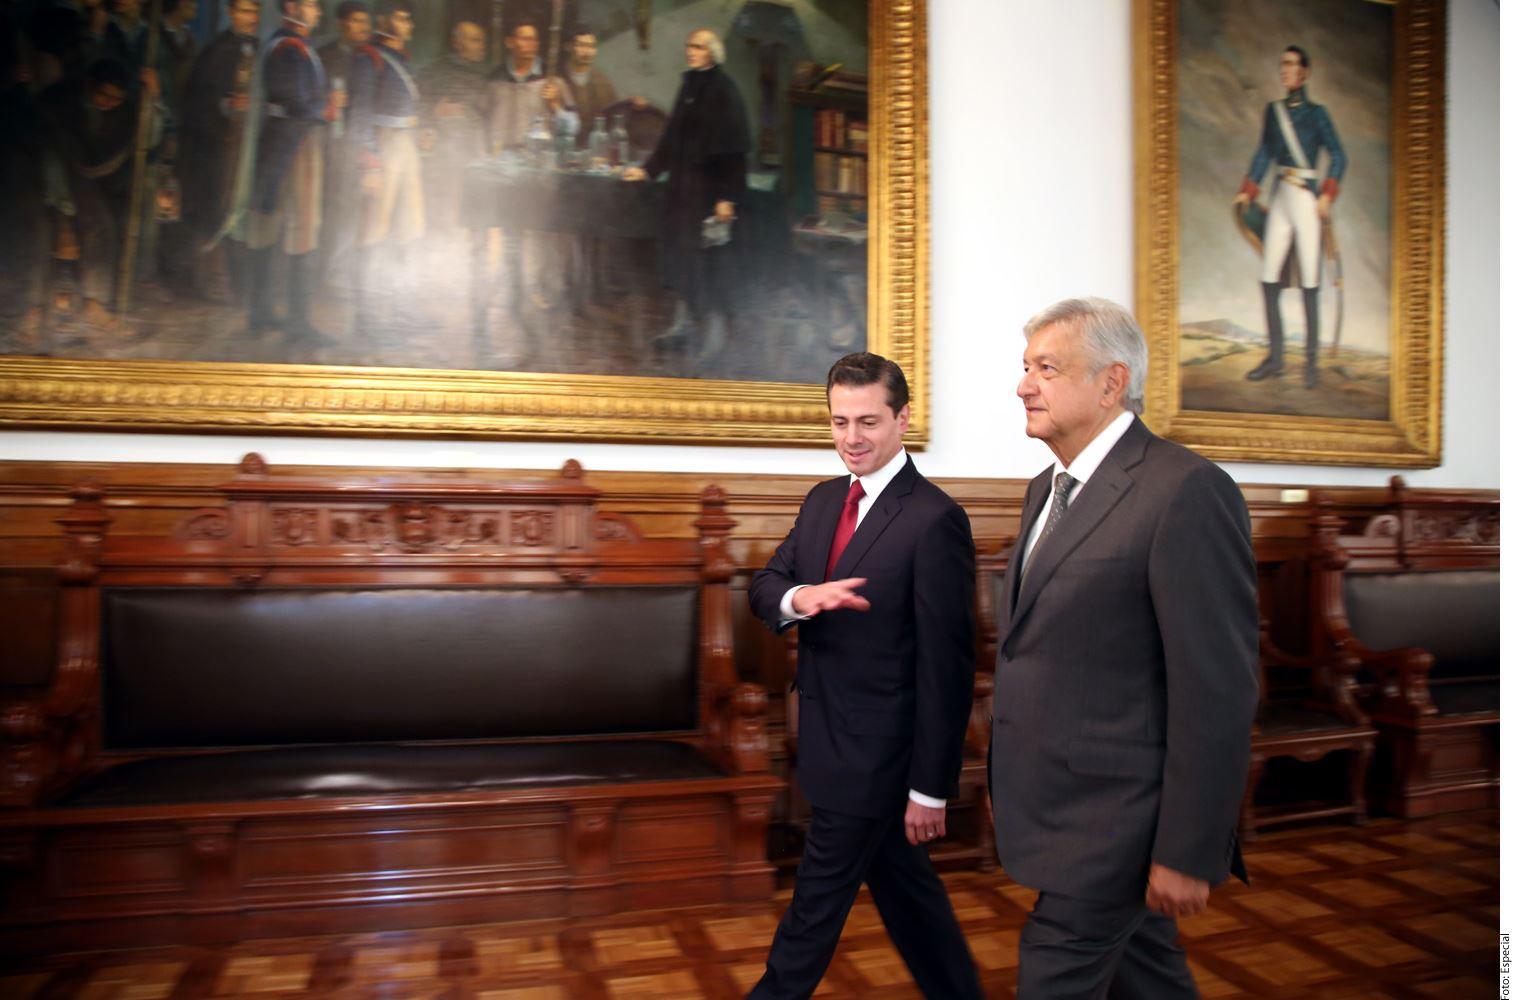 La Presidencia confirmó hasta esta mañana que el encuentro entre Andrés Manuel López Obrador (der.) y el Presidente Enrique Peña Nieto (izq.) se realizaría a las 11:00 horas, pues hasta anoche se mantenía en que no estaba agendado.